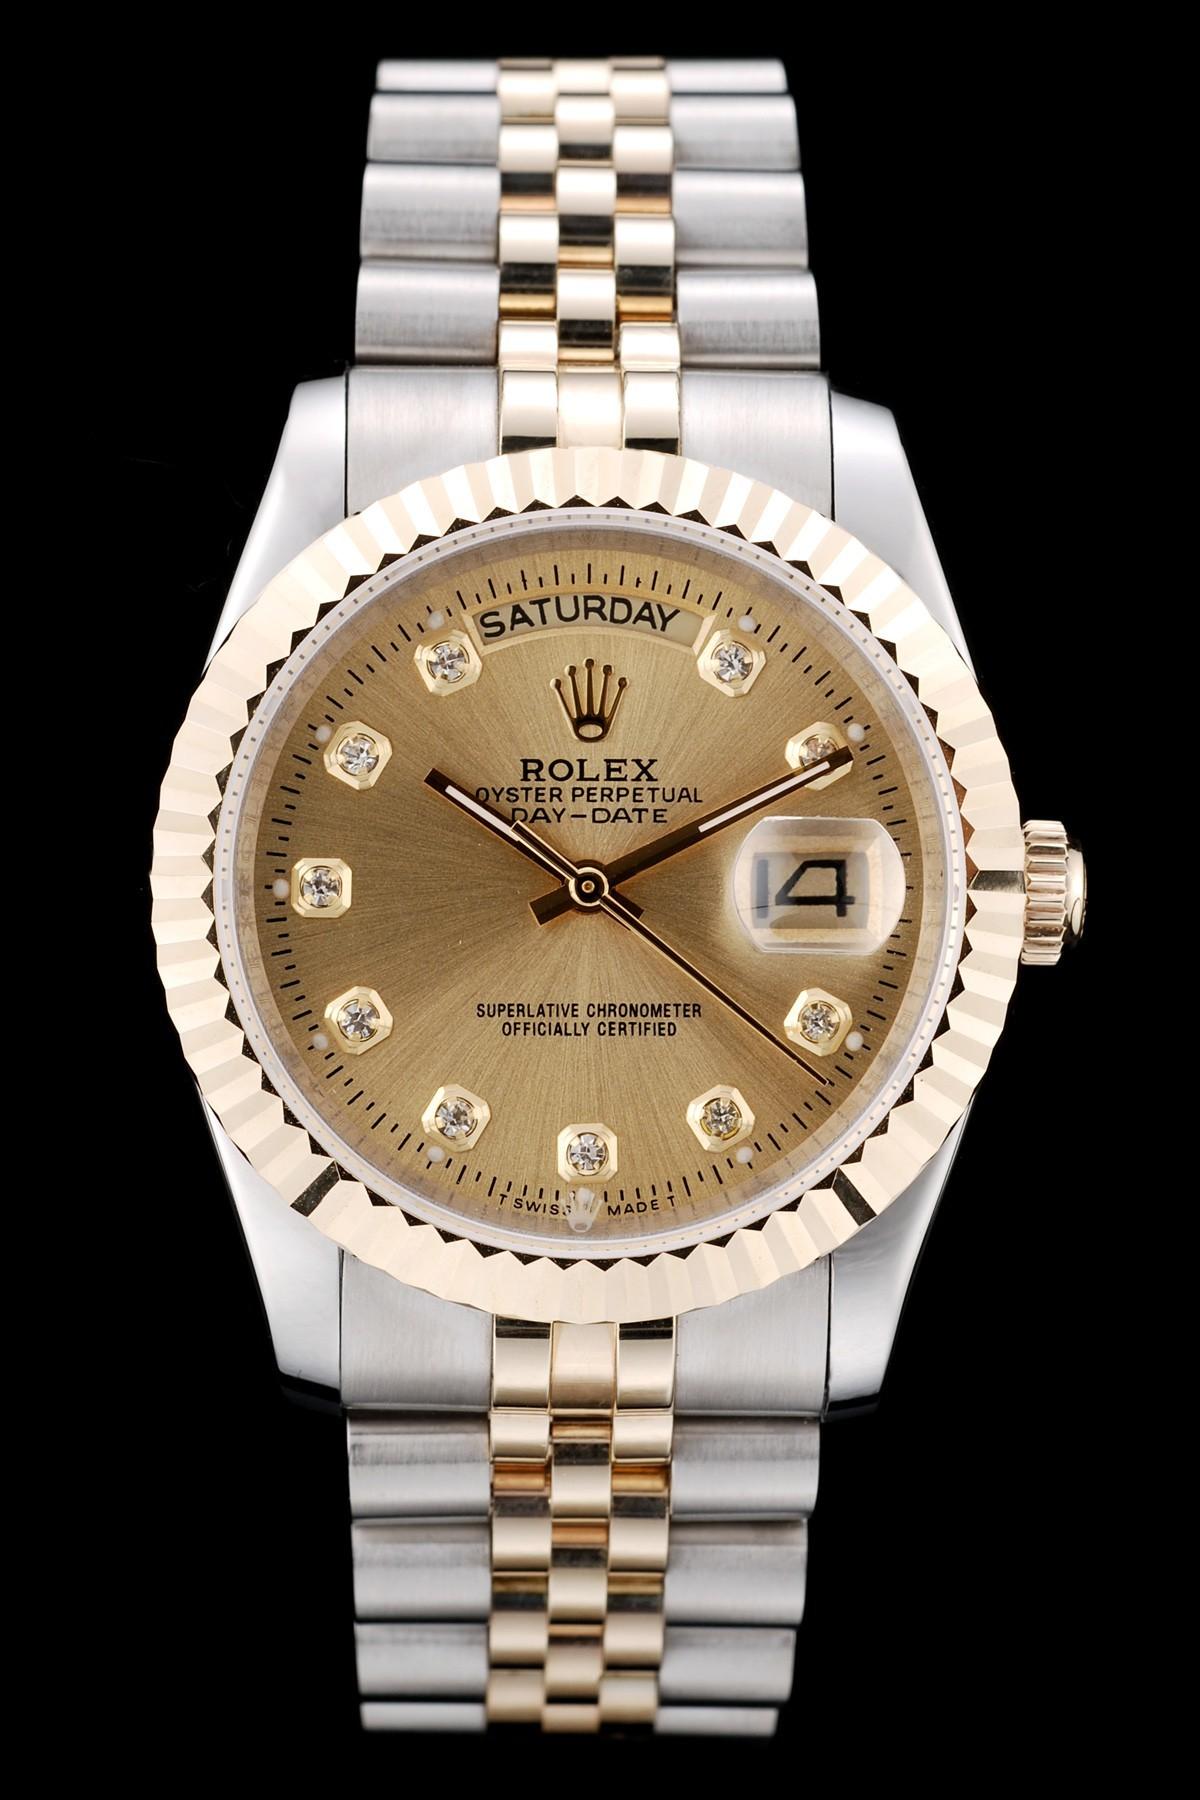 Test de la montre Rolex Deepsea pas cher venue de Chine